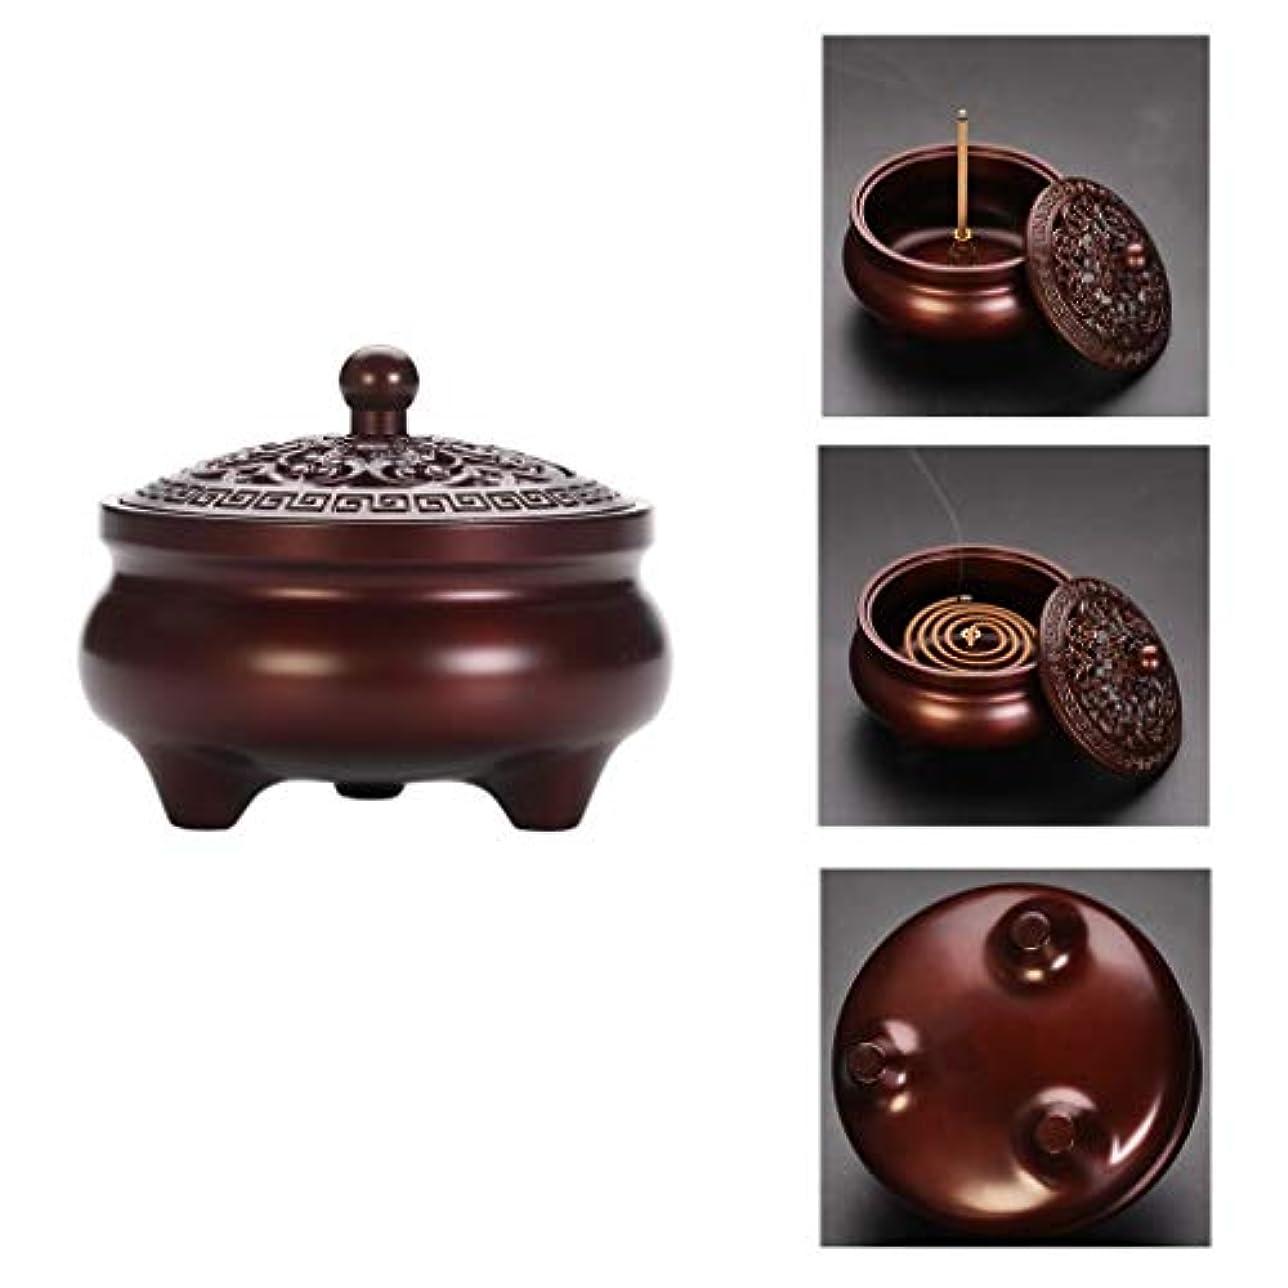 芳香器?アロマバーナー 純銅製メカニズム香炉シンプルでエレガントな香炉内三脚アロマセラピー炉 アロマバーナー (Color : Purple Lotus)